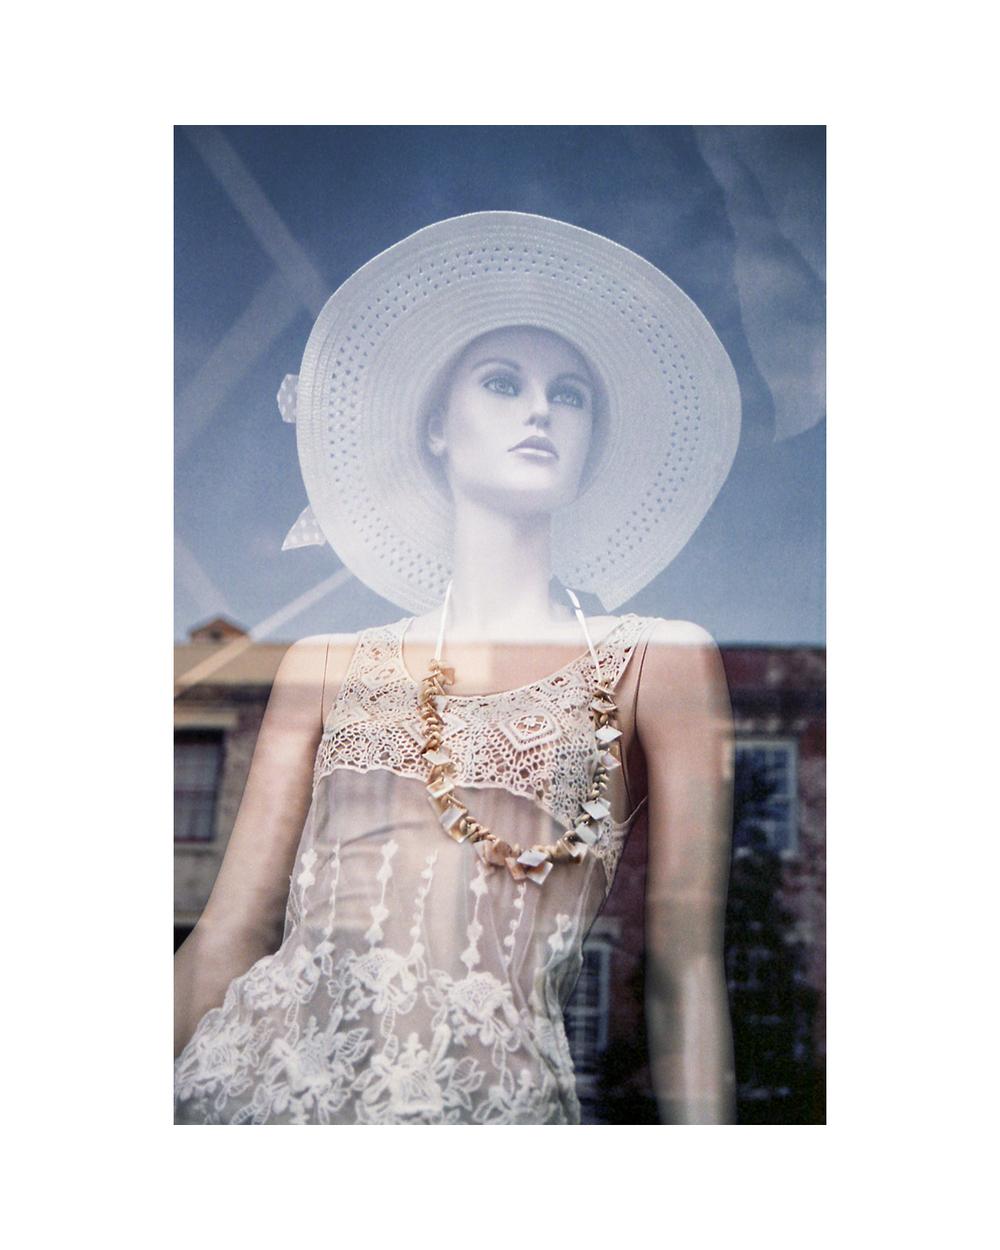 White Hat on Broughton Street - Savannah, GA